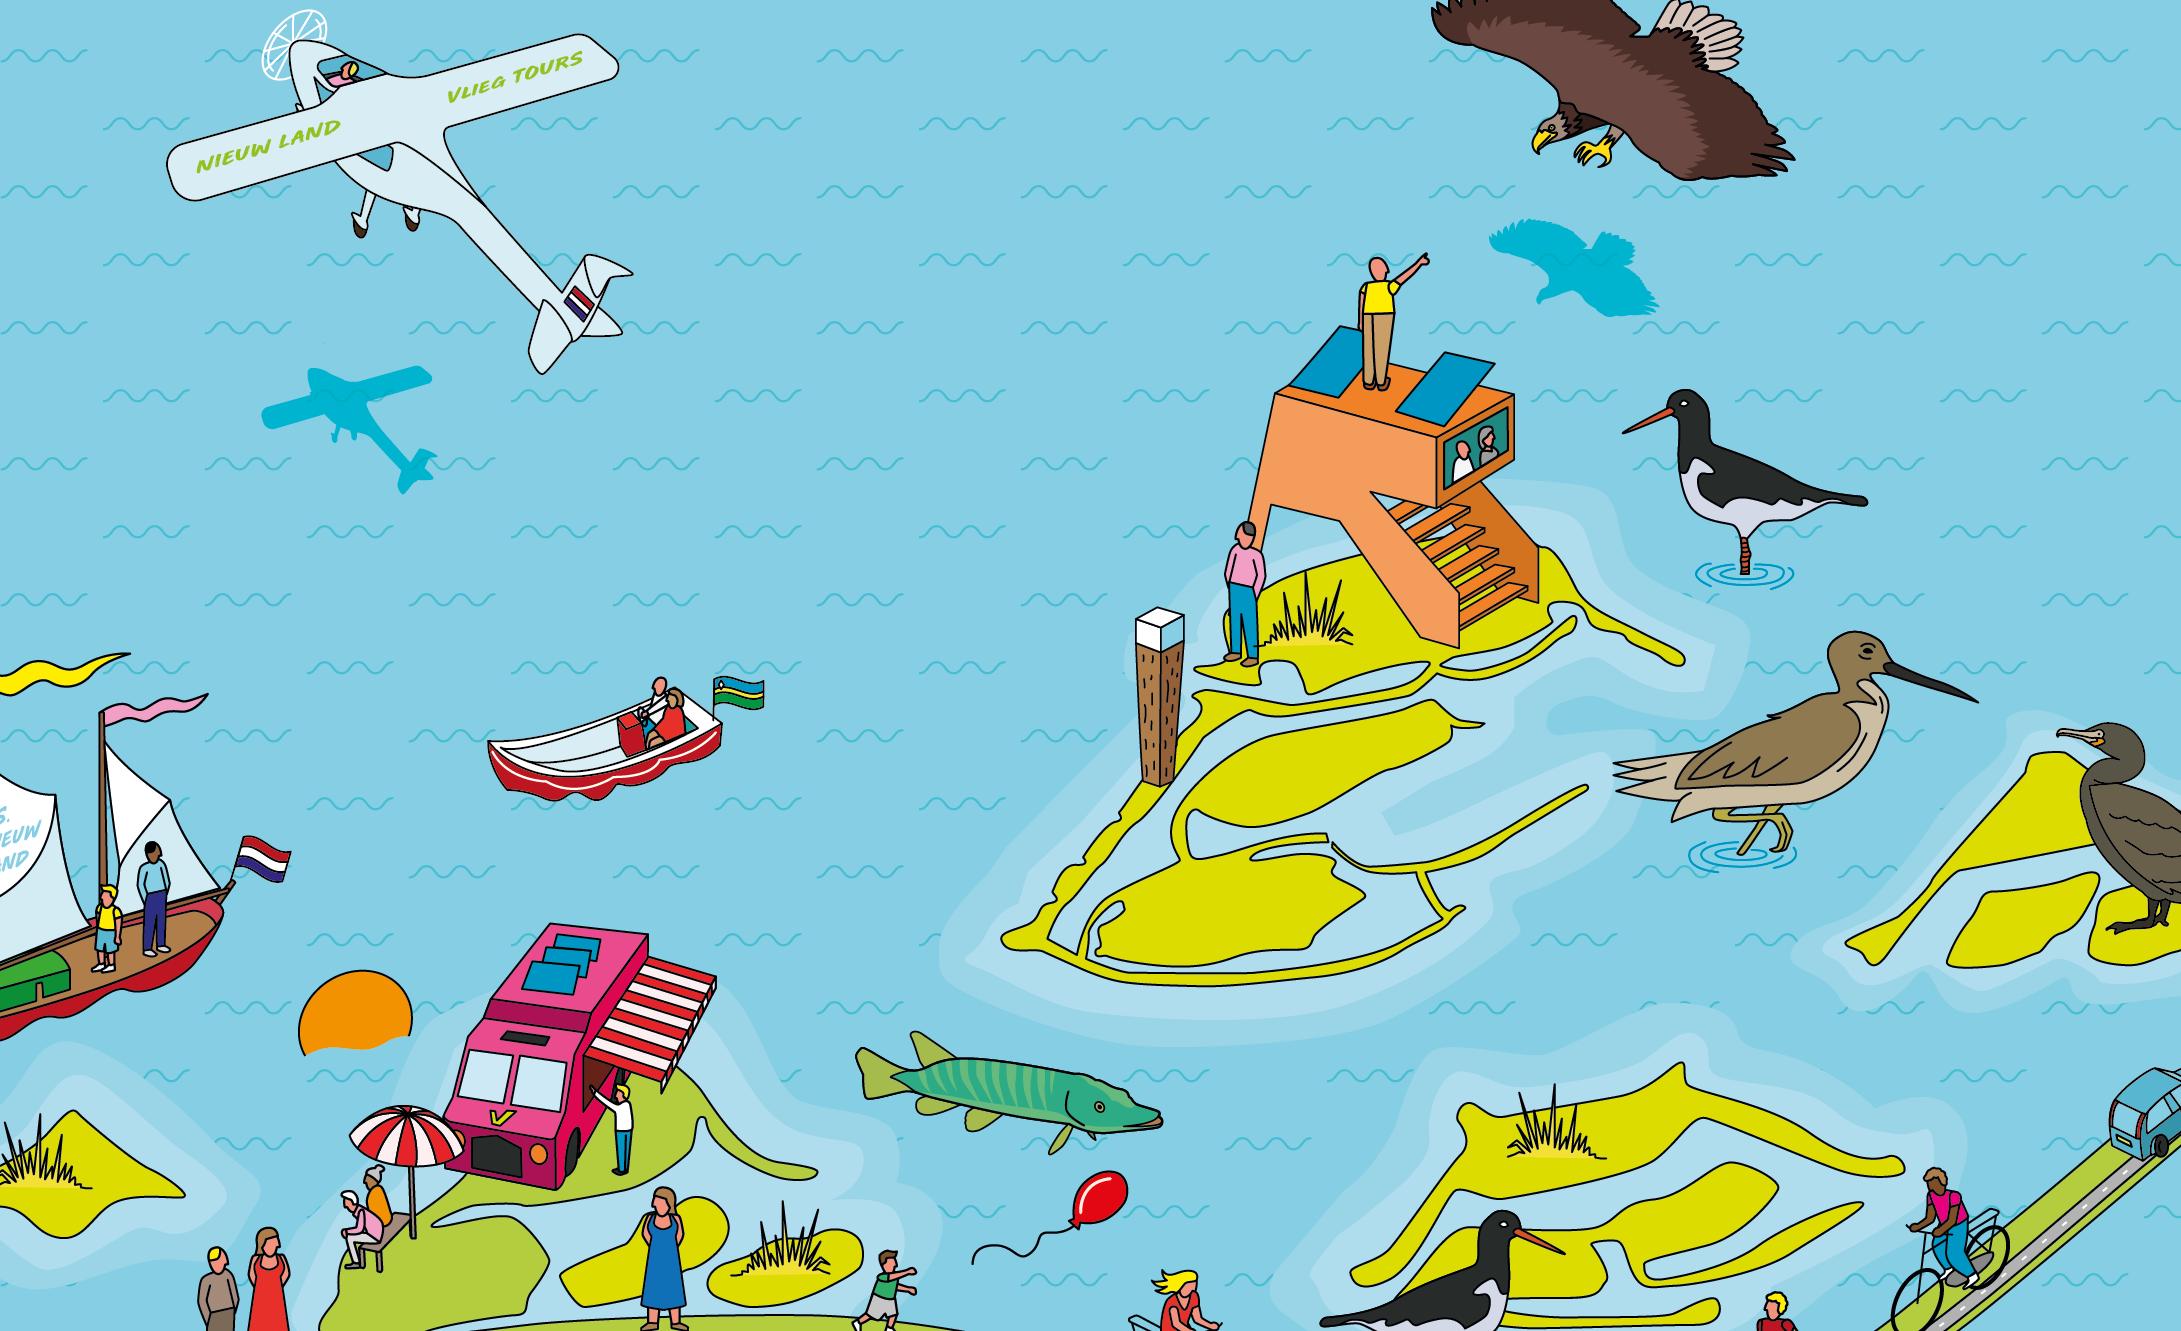 rickybooms-nieuwland-kaart-uitsnede2